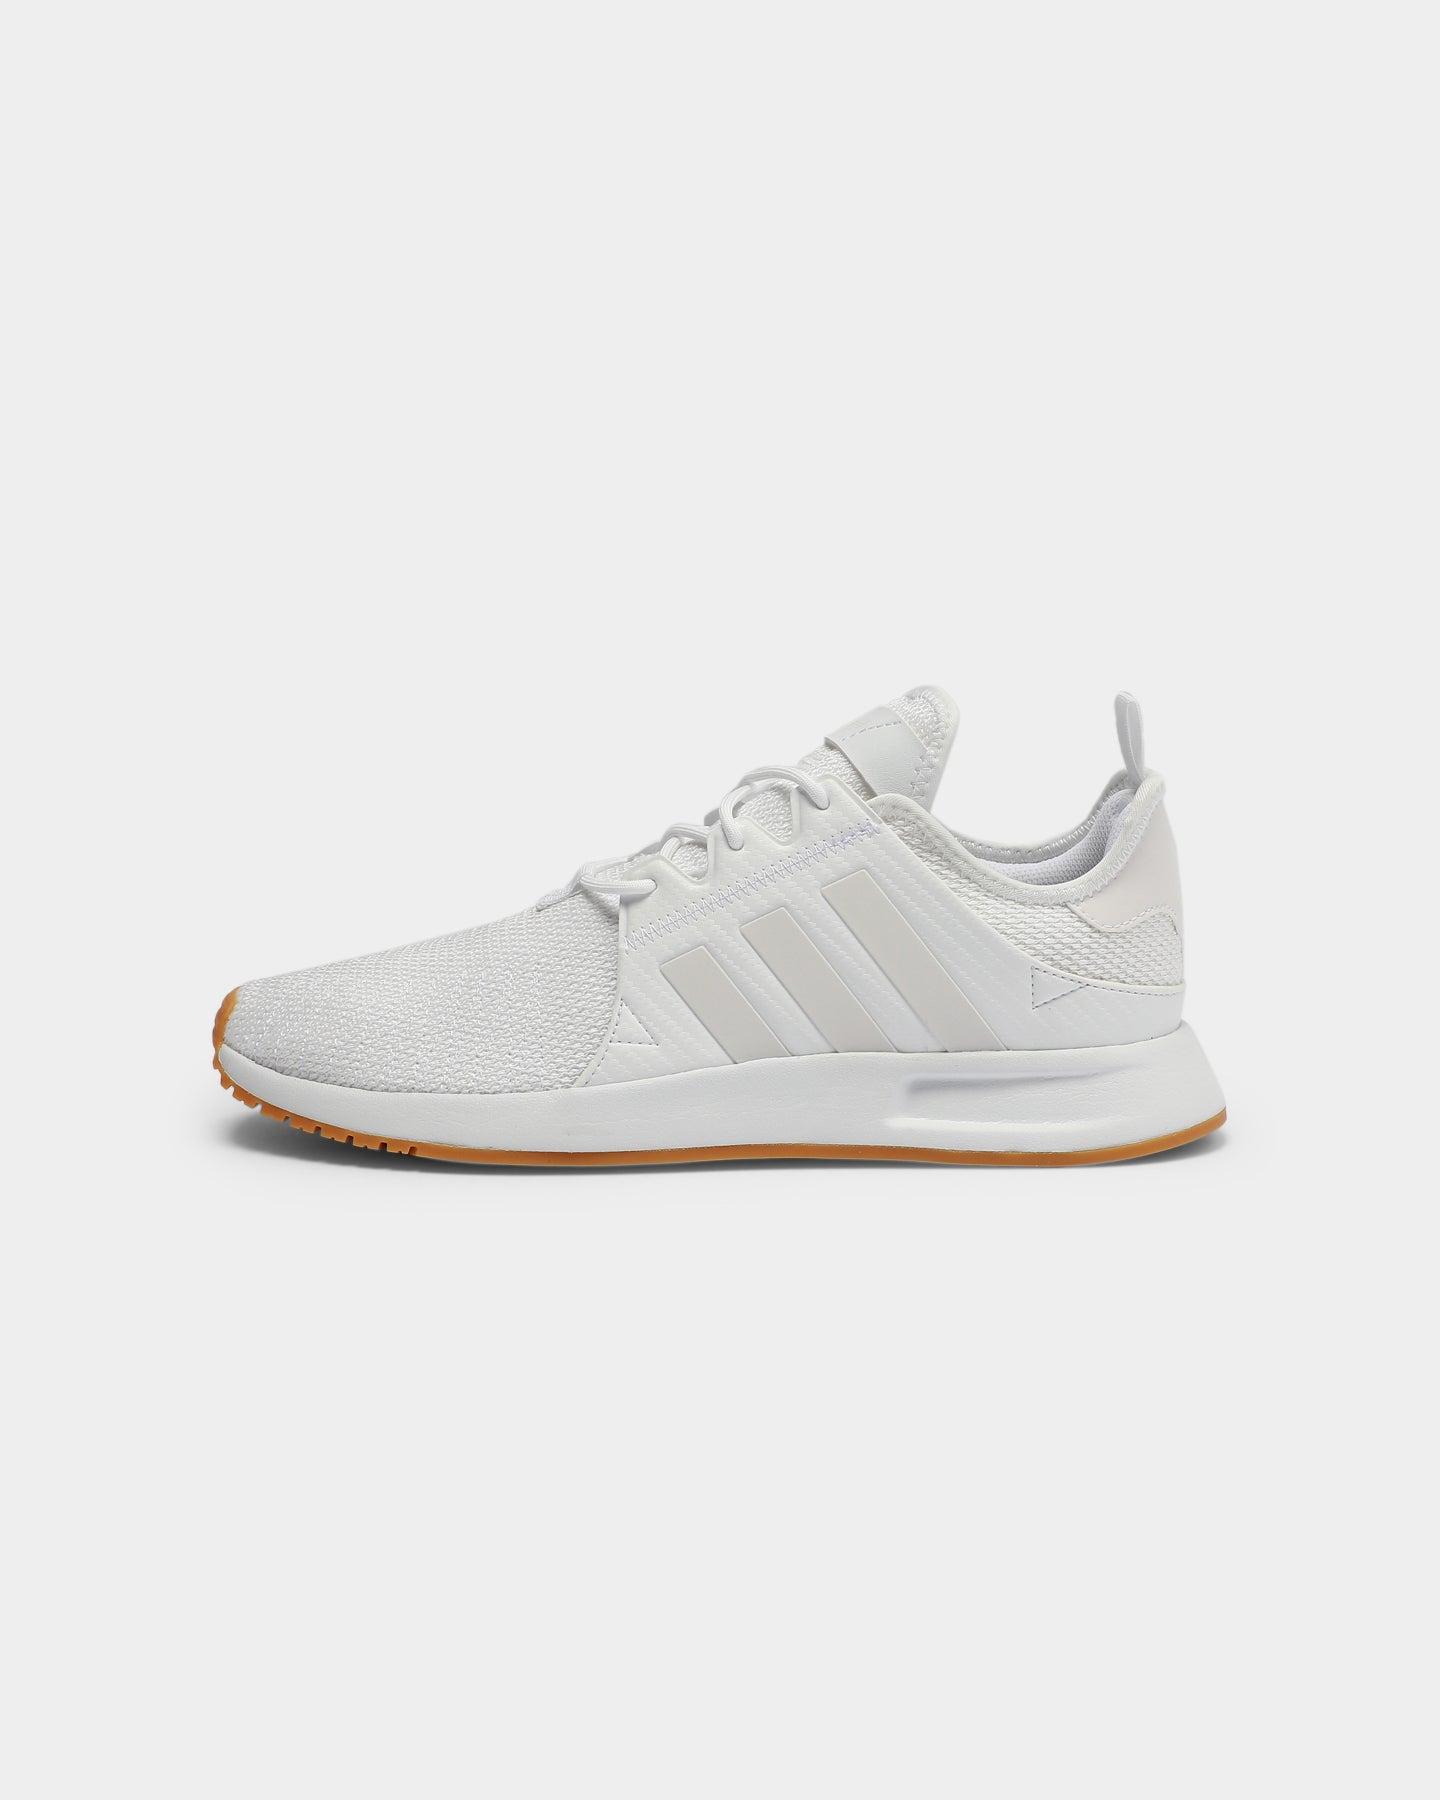 Adidas X_PLR White/Gum | Culture Kings